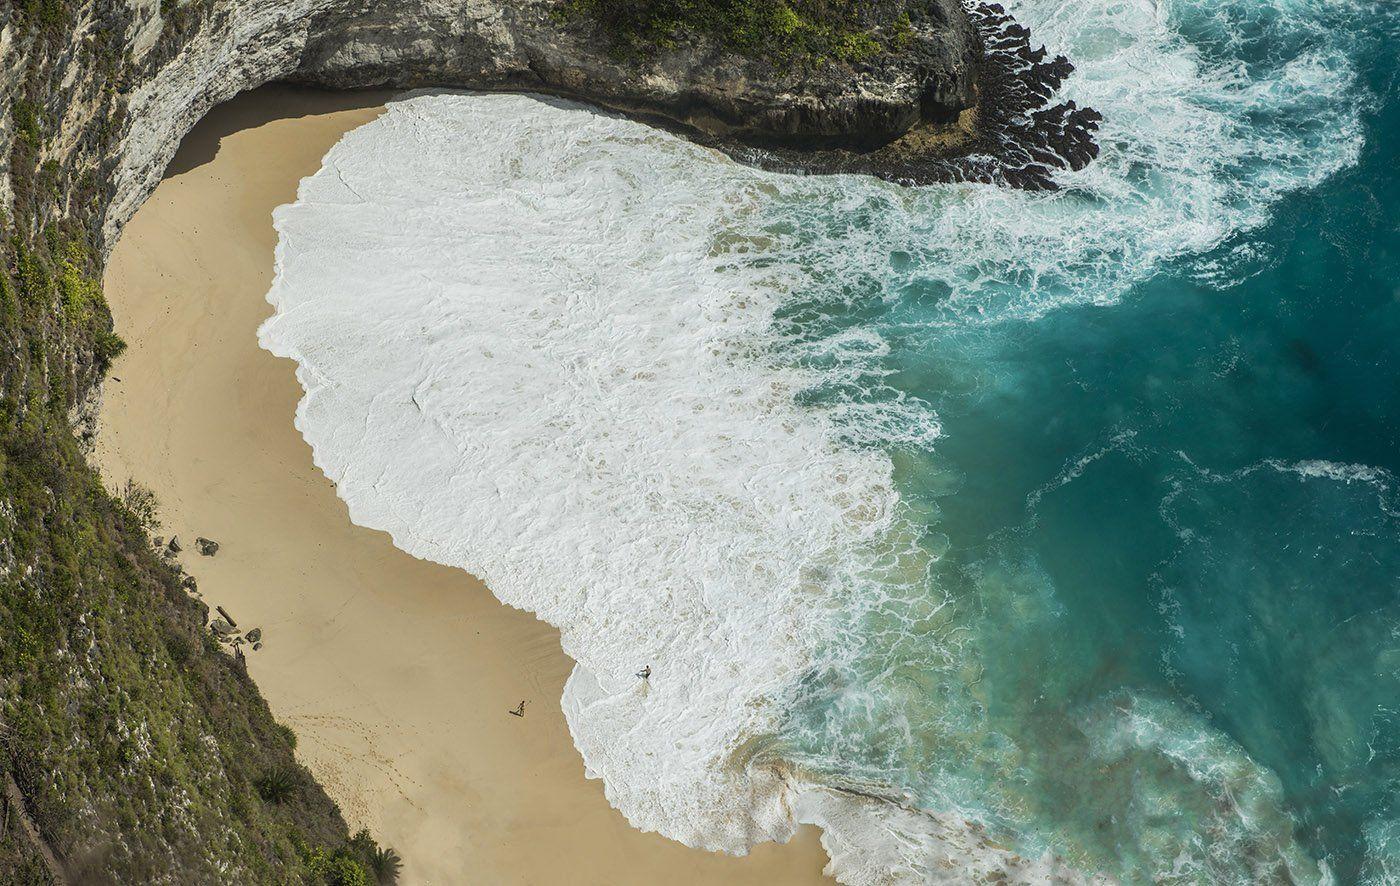 Бали, нуса пенида, остров, океан, волны, Марина Мудрова